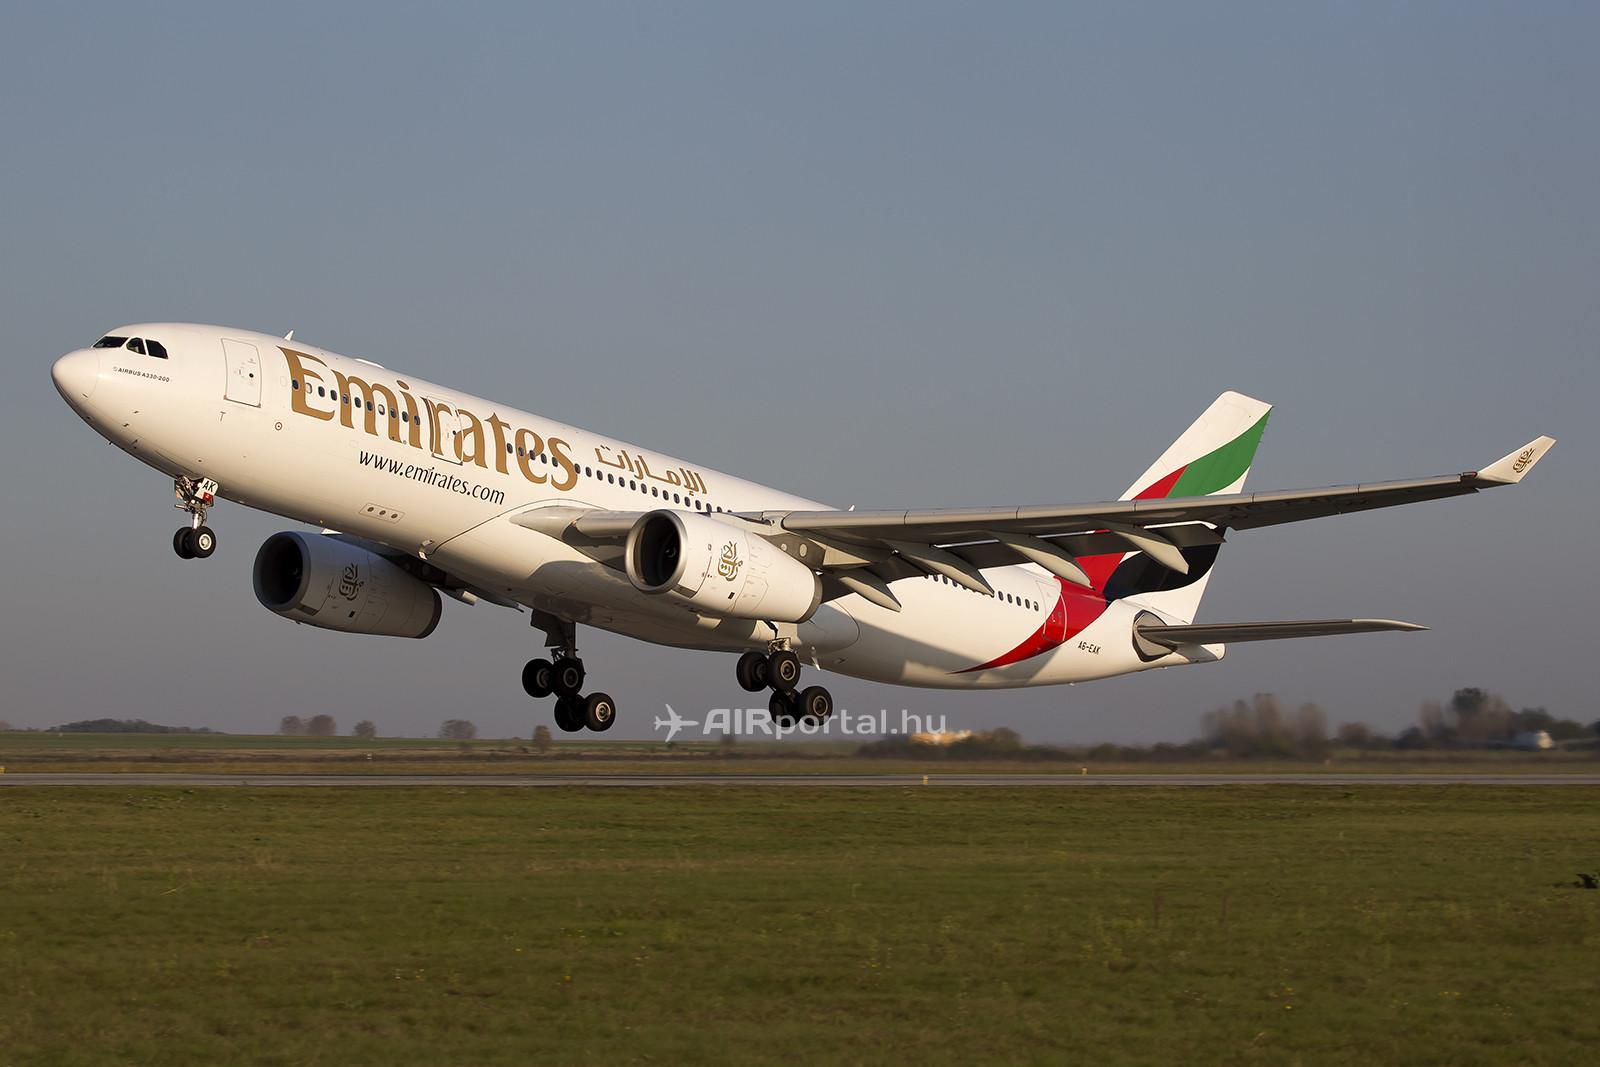 Az Emirates Rolls-Royce Trent hajtóművekkel üzemelteti A330-asait, amelyek maximális felszállósúlya 230 tonna. (Fotó: Samu Ádám - AIRportal.hu) | © AIRportal.hu